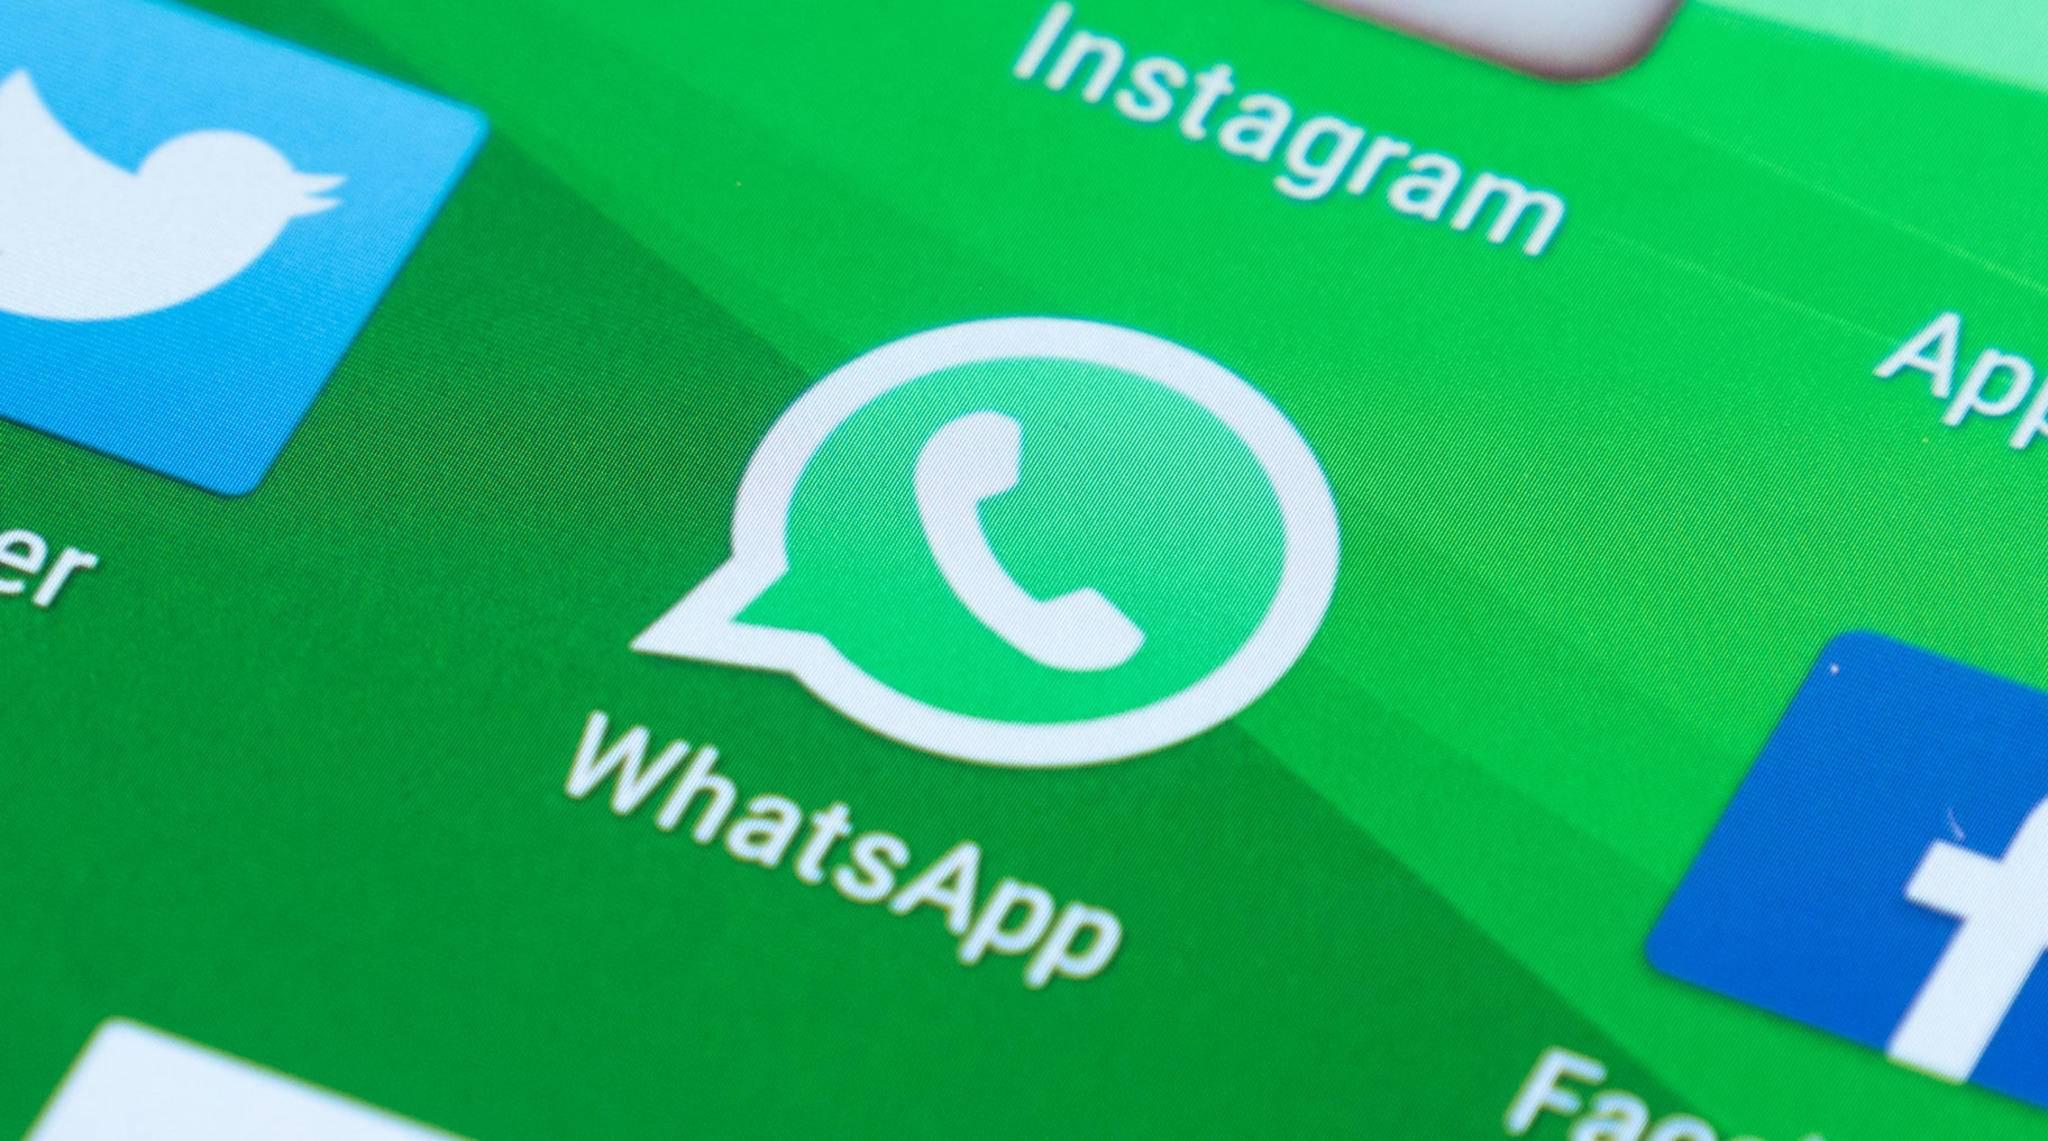 Wer neueste Features von WhatsApp vorab testen will, kann sich für das Beta-Programm anmelden.